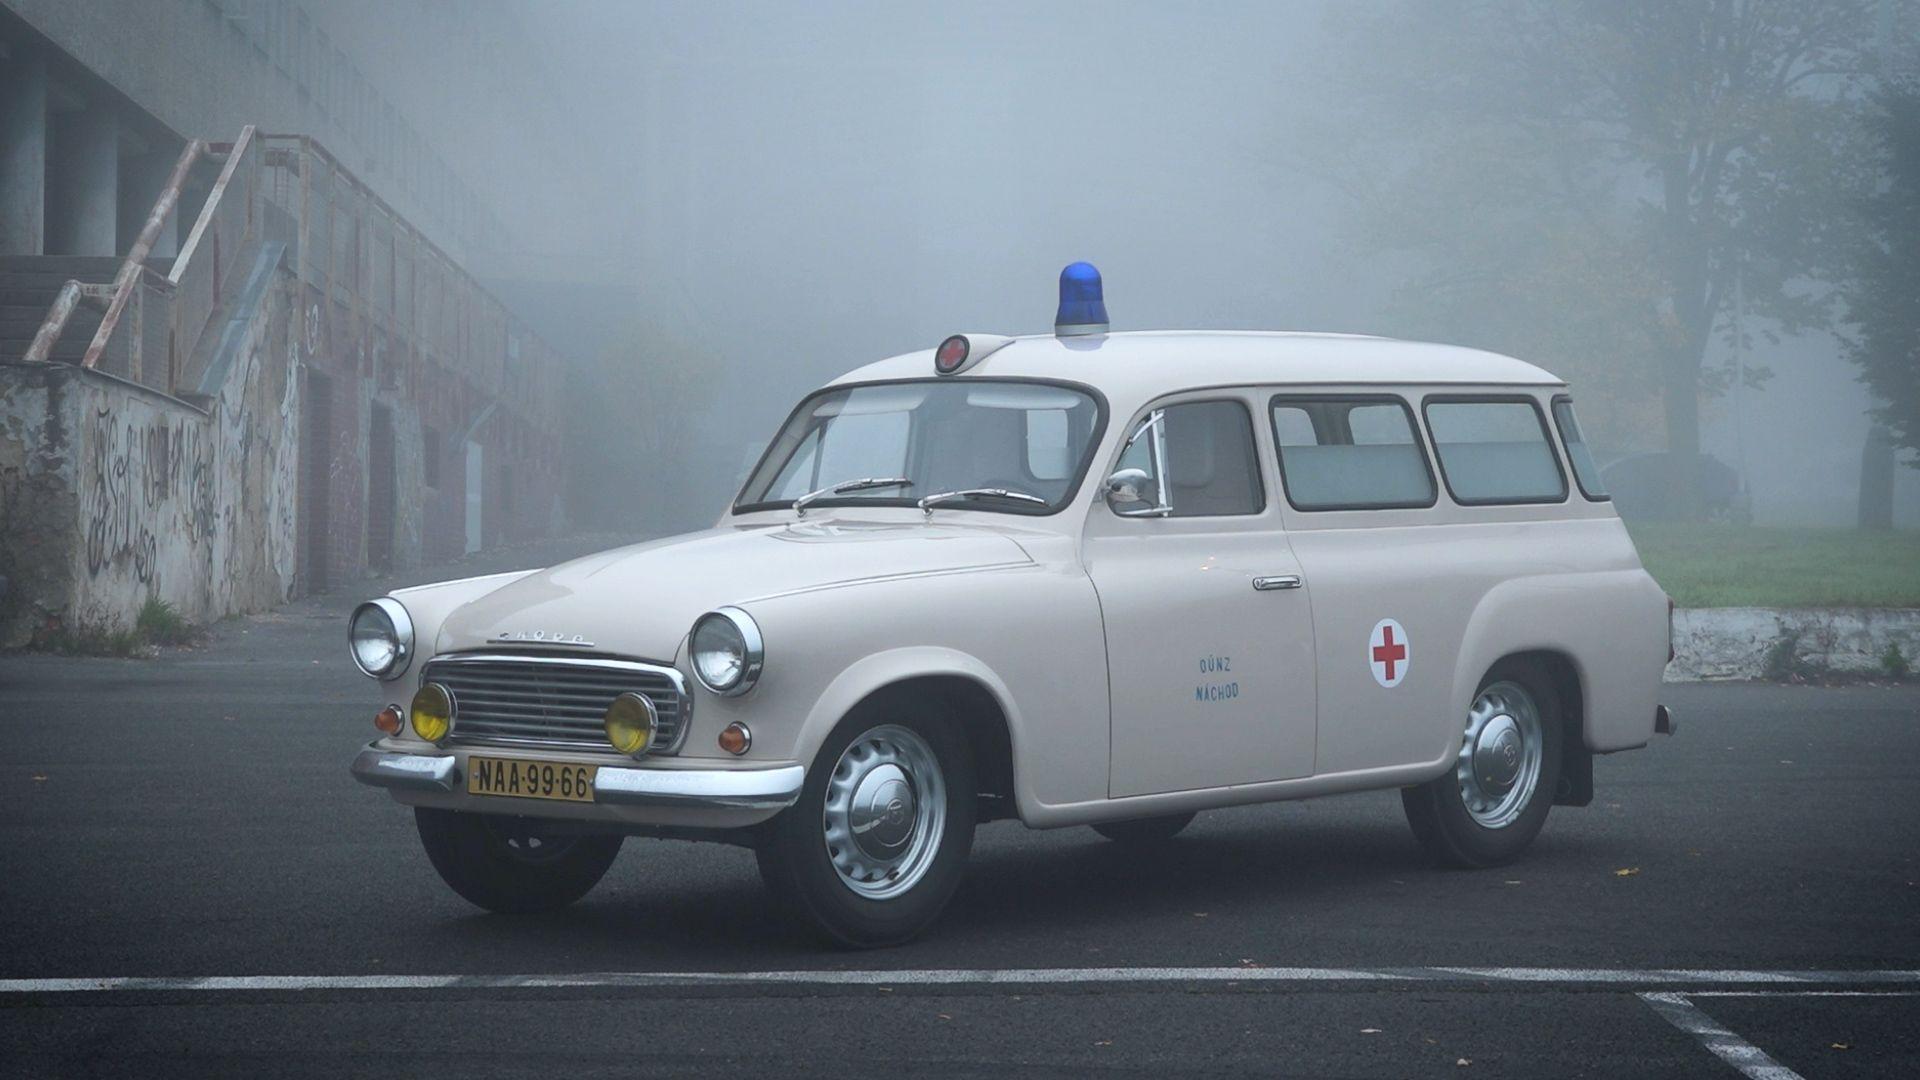 Provizorní obřík třínásobně přetáhl kariéru. Uspěla by Škoda 1202 jako sanitka dnes?